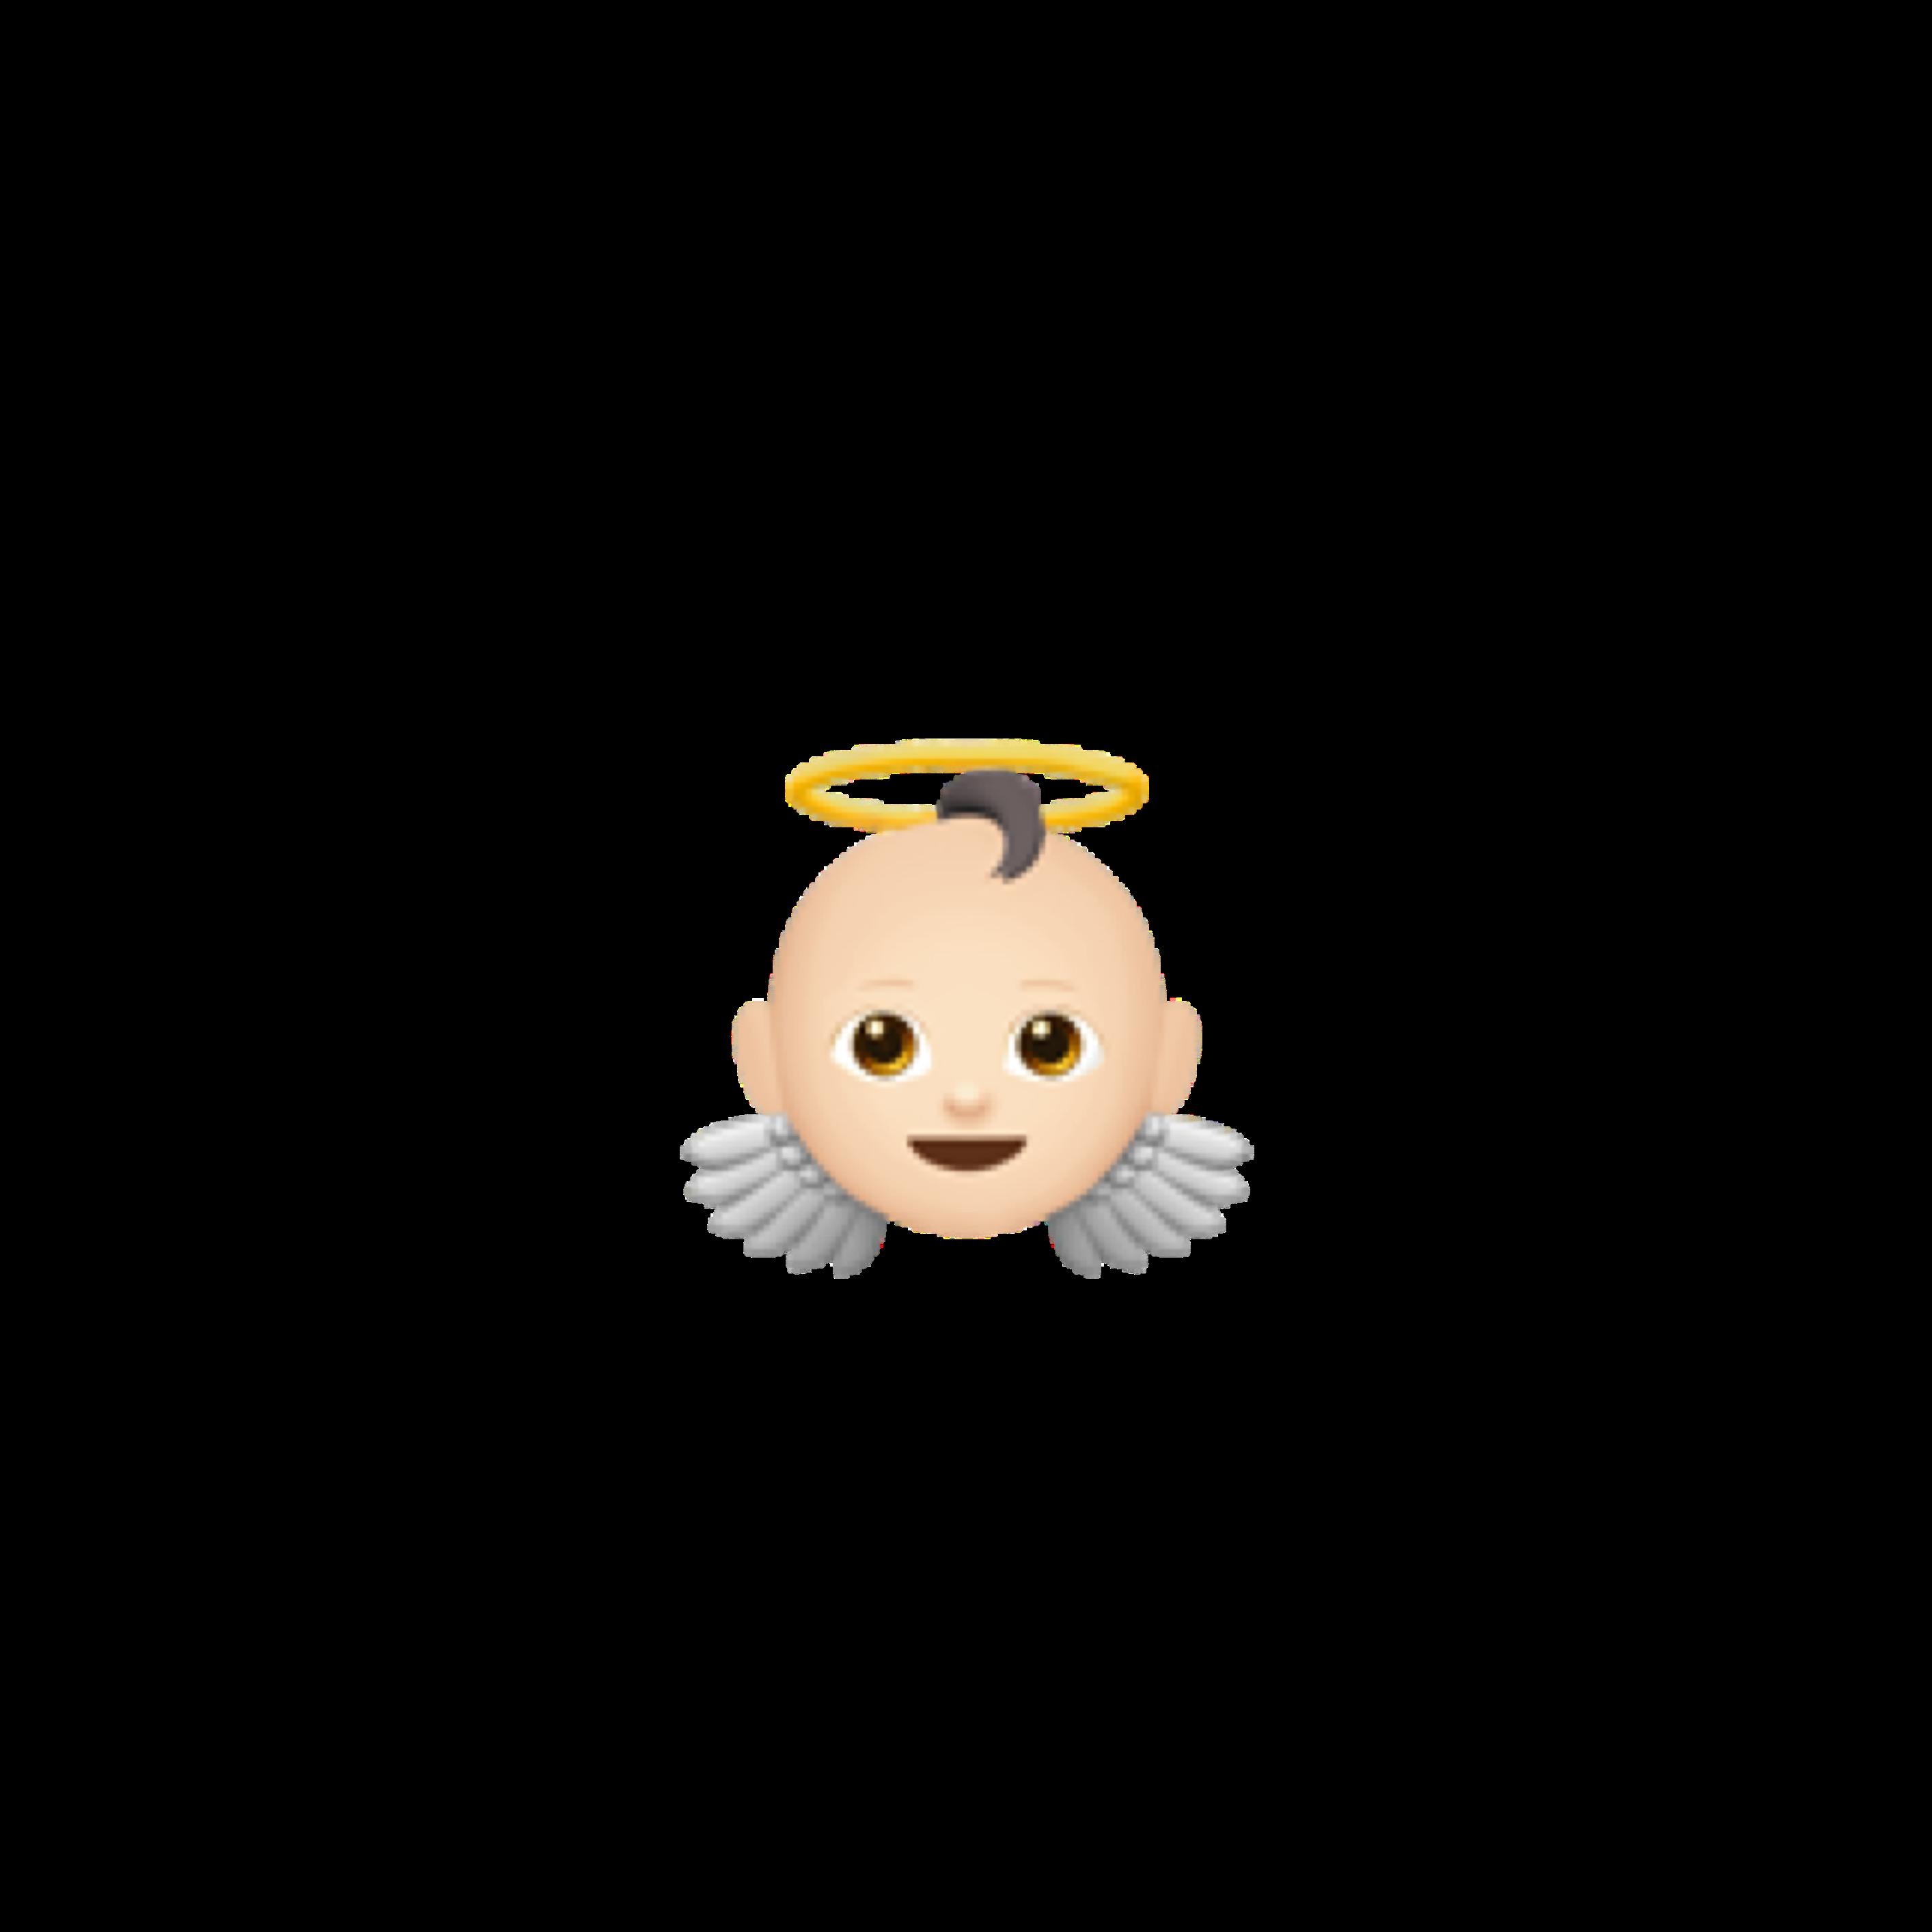 Emoji Baby Angel Png Picsart Ios Iphone Gravador De Tela Emojis Animal De Estimacao